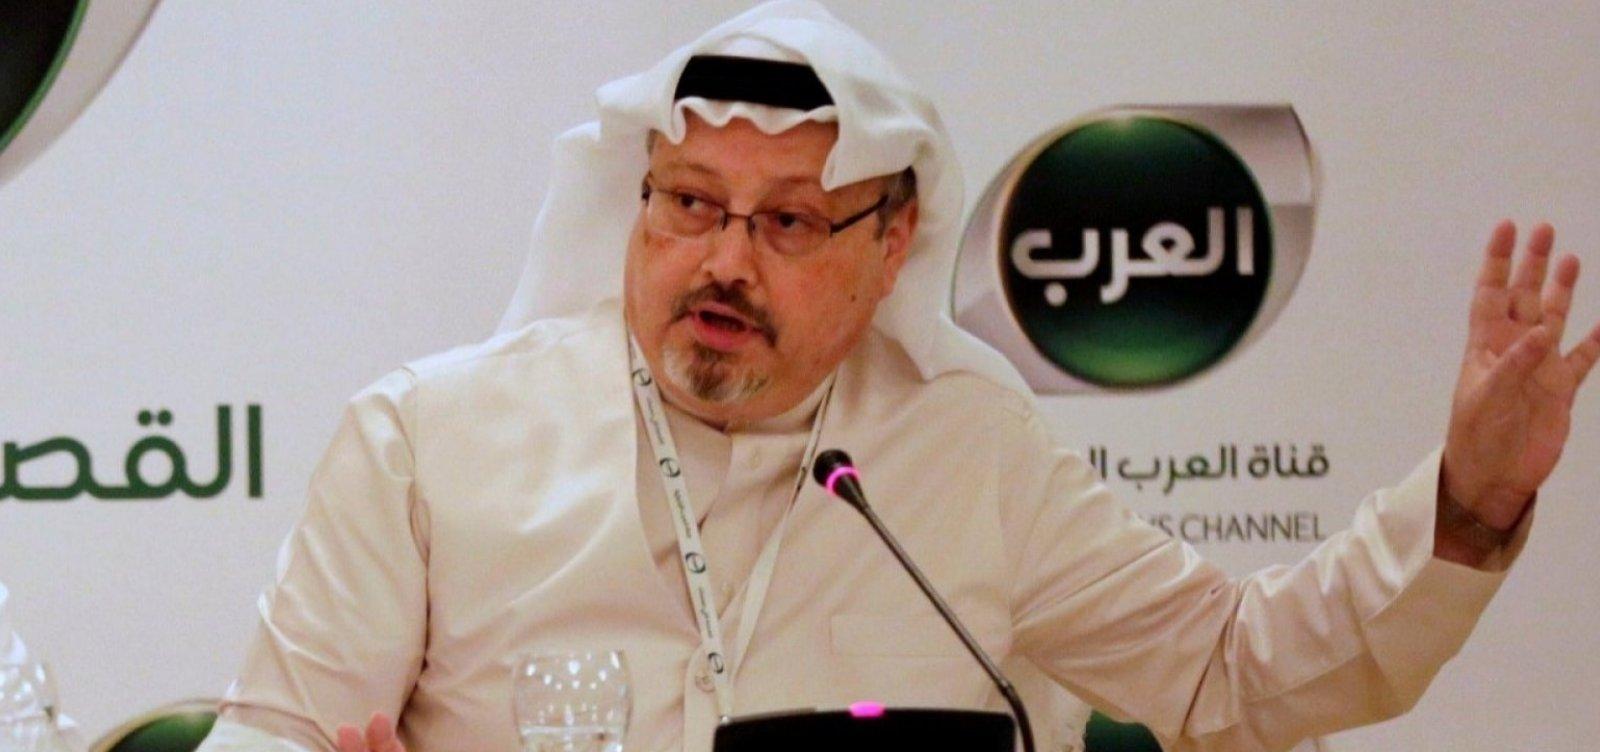 [Jornalista saudita foi morto por estrangulamento, diz procurador]